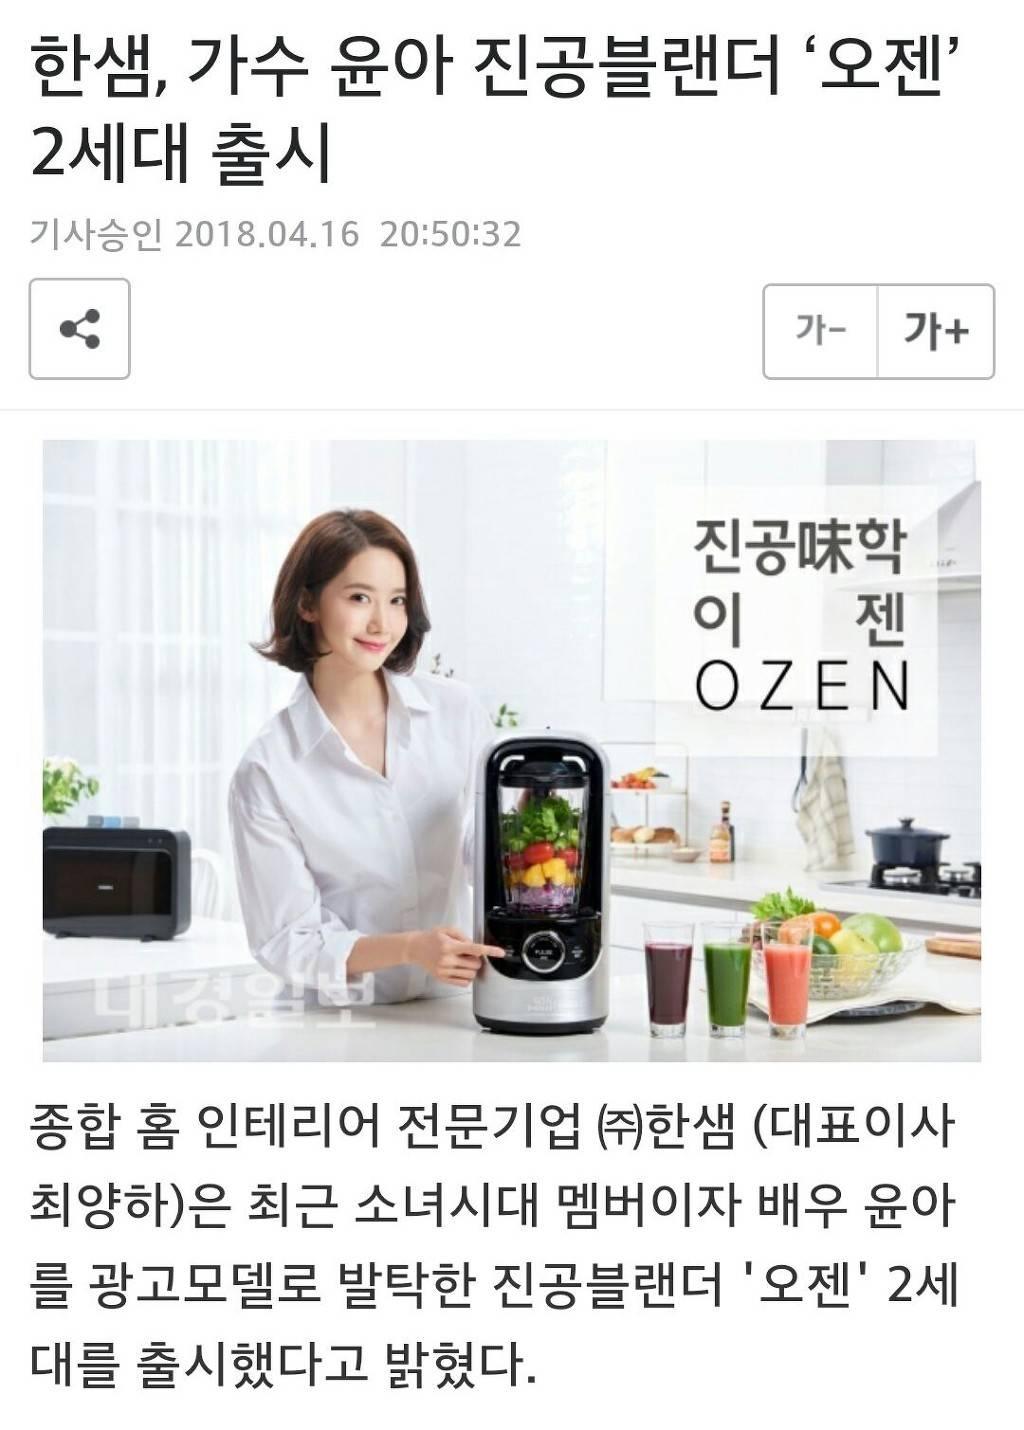 한샘, 가수 윤아 진공블랜더 '오젠' 2세대 출시   인스티즈